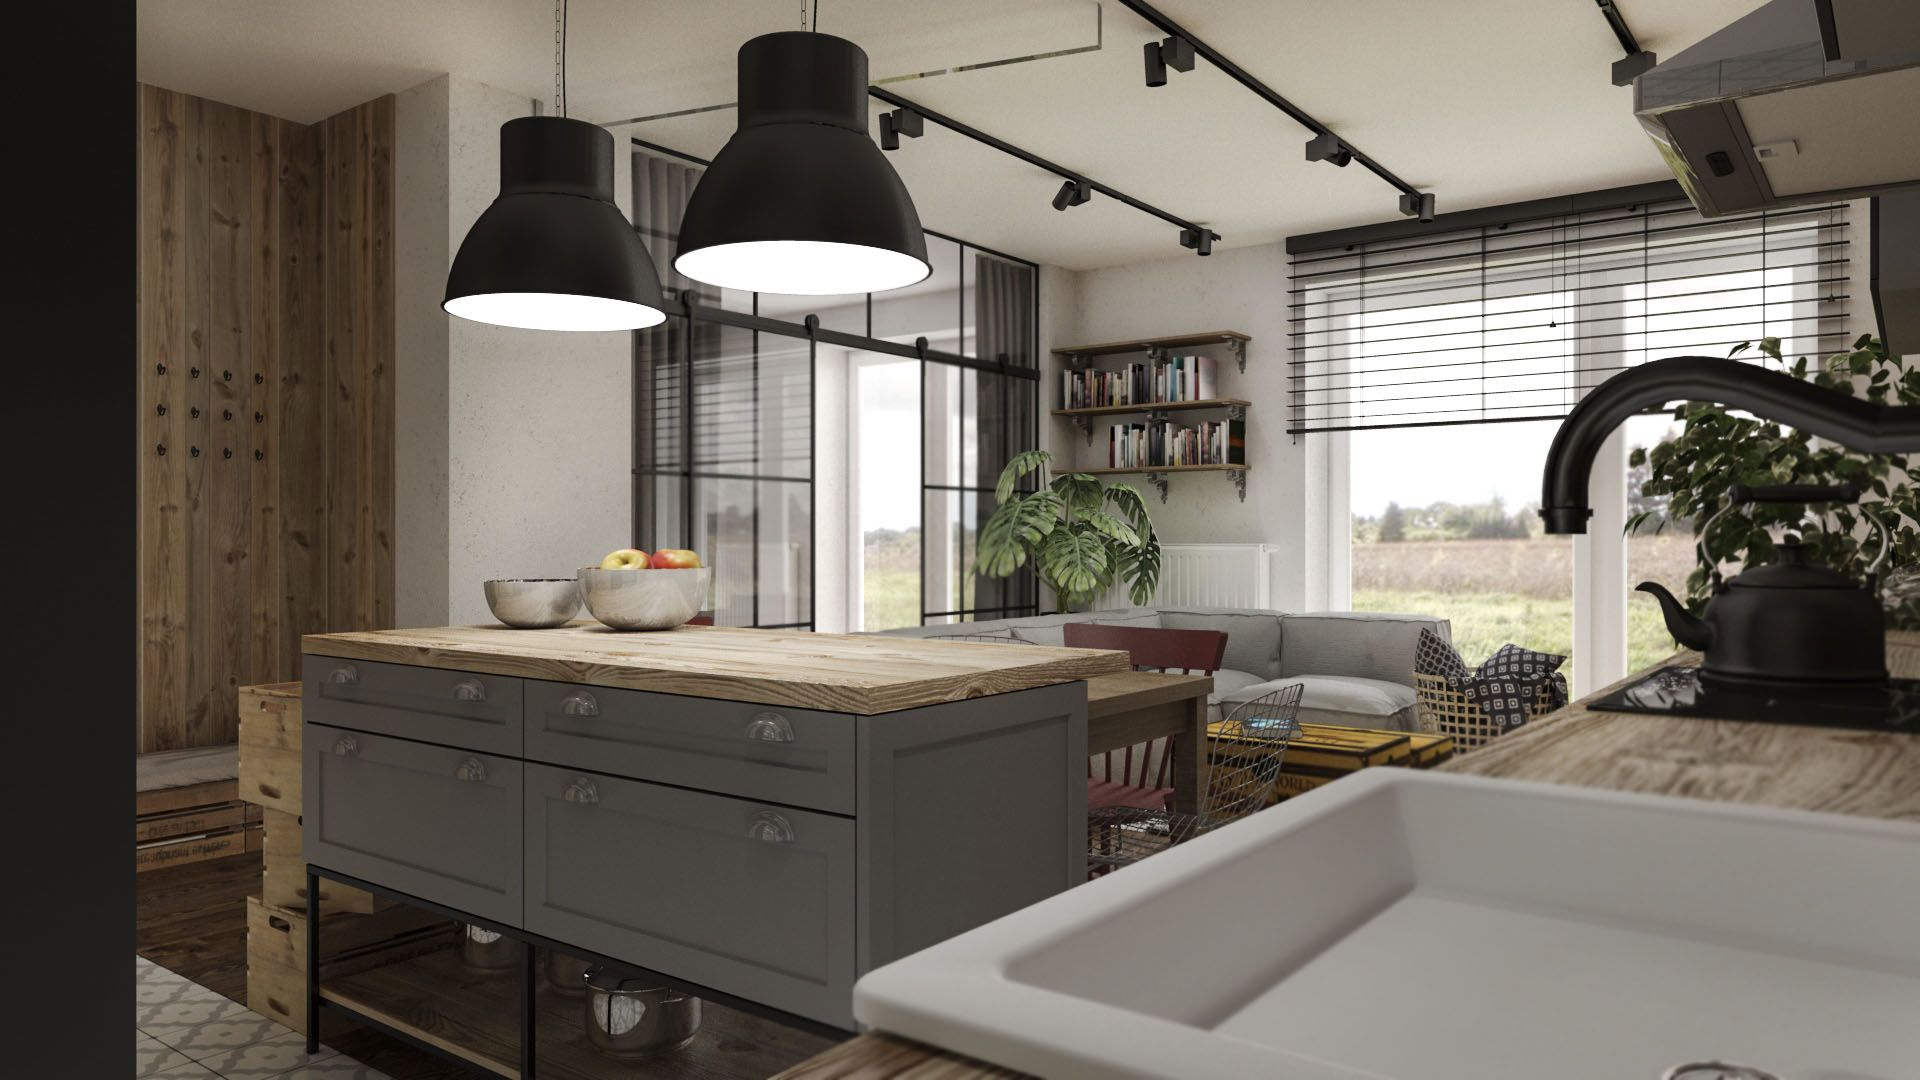 Salon Z Kuchnia W Stylu Industrialnym Home Home Decor Kitchen